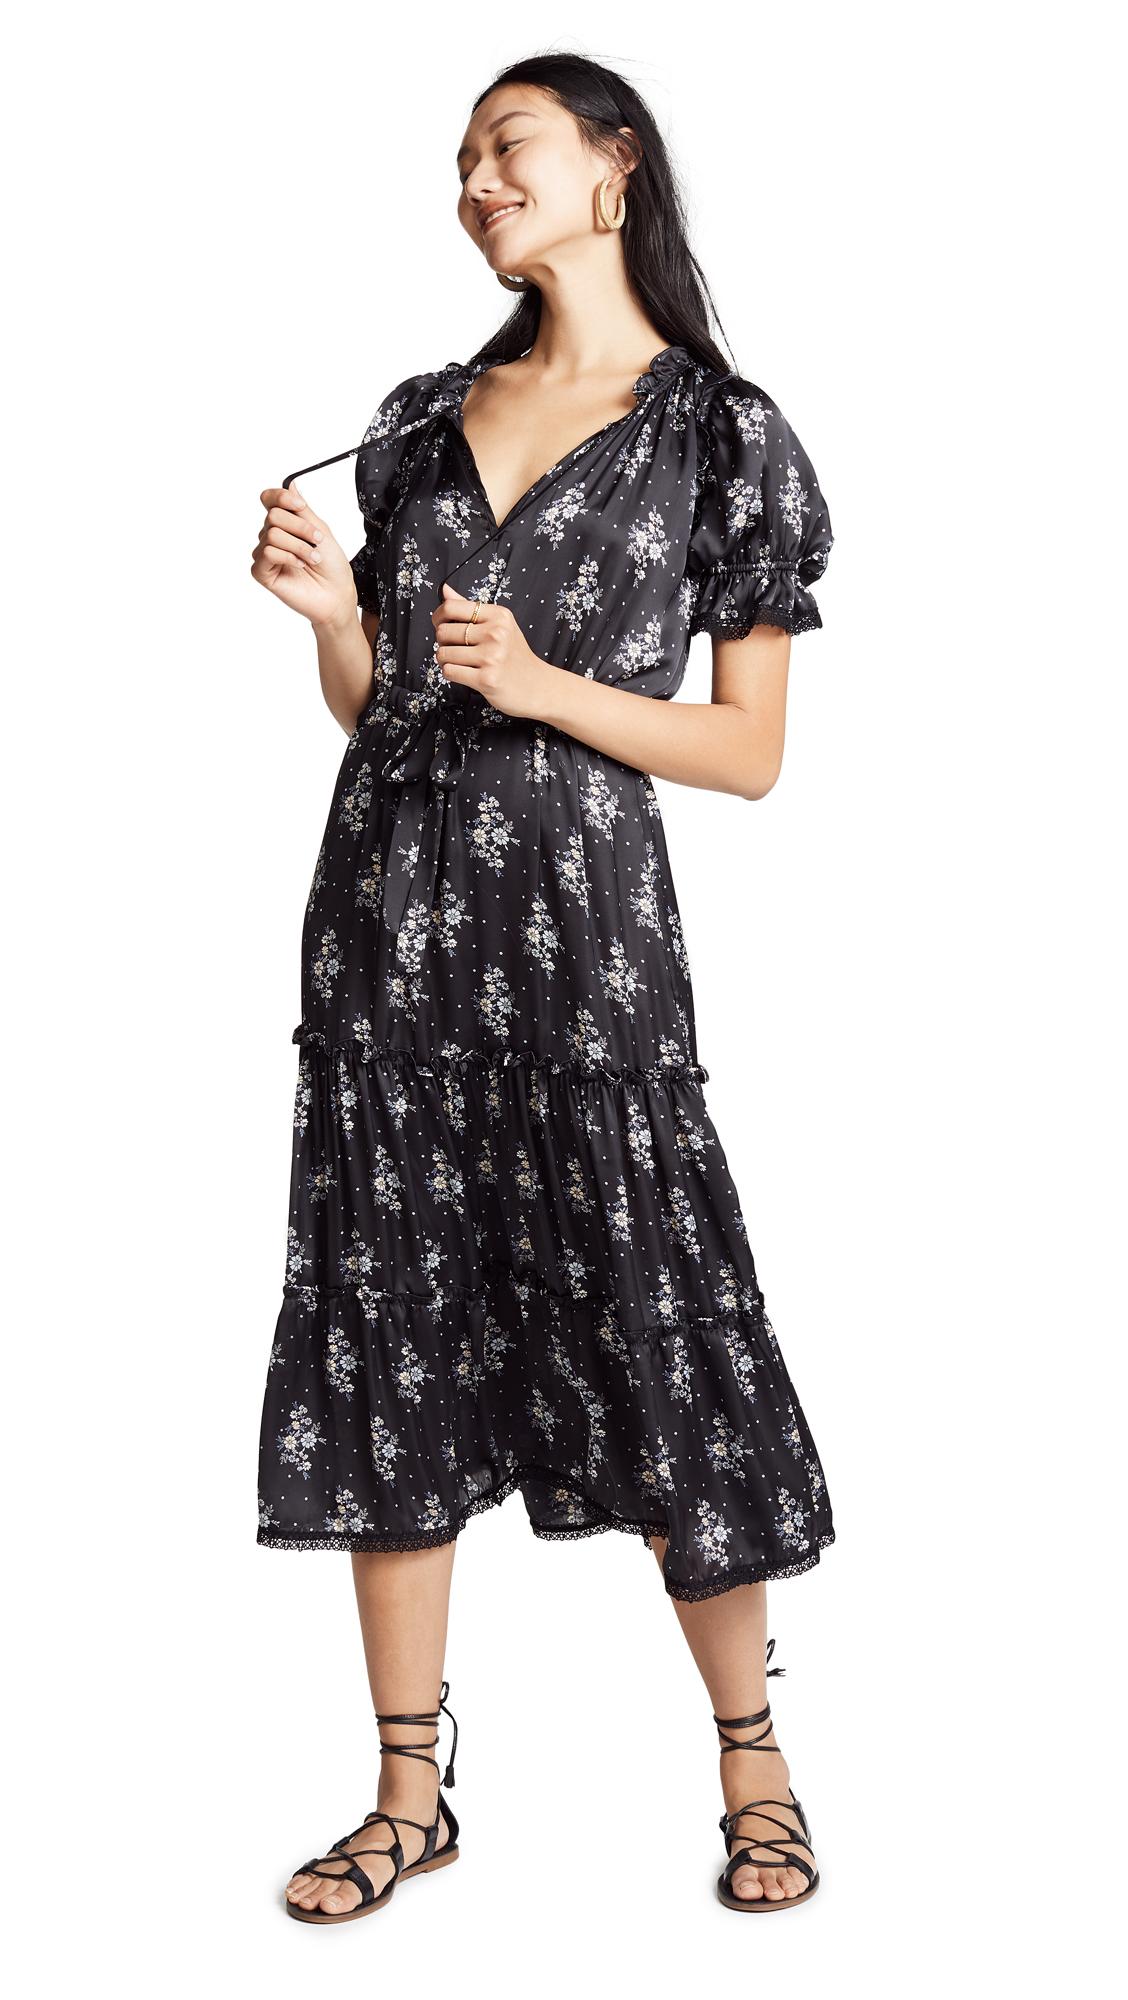 MISA NATALIA DRESS